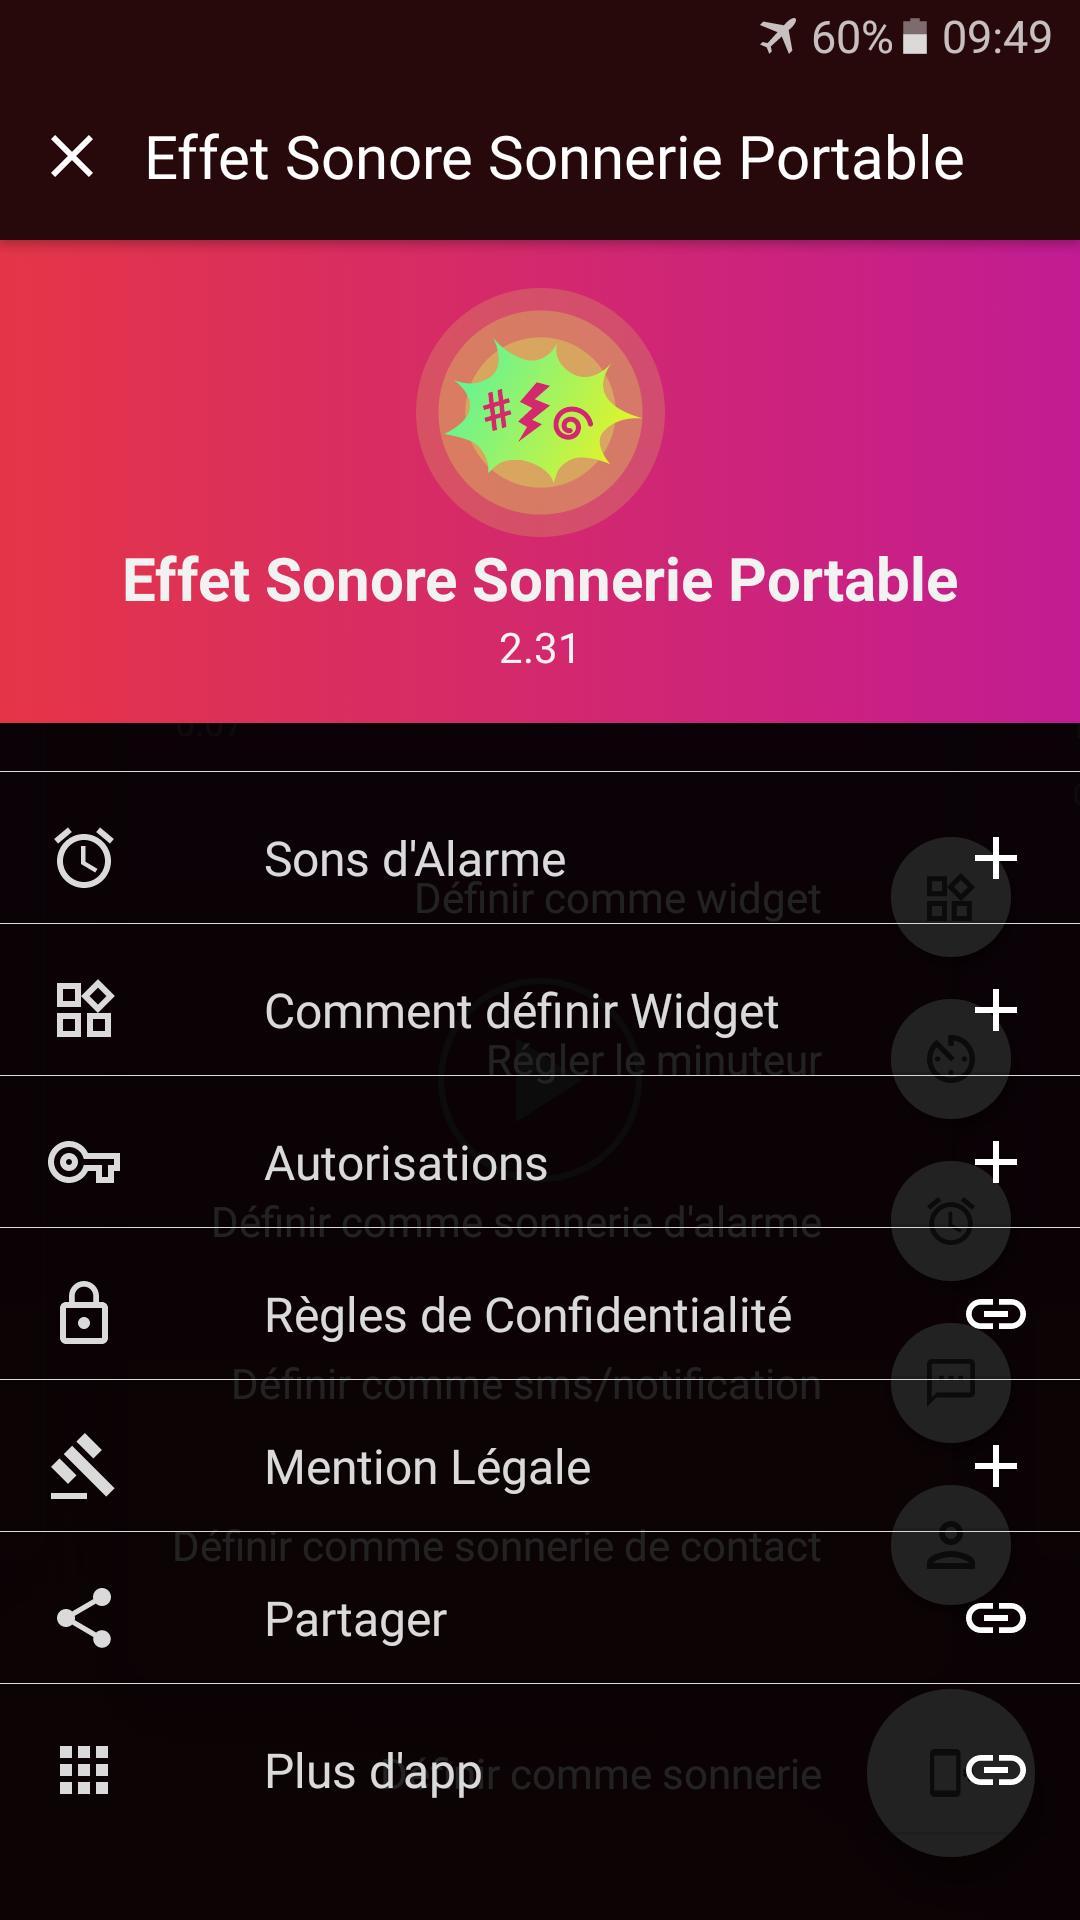 Sonnerie Effet Sonore Gratuit Pour Android - Téléchargez L'apk à Effet Sonore Gratuit